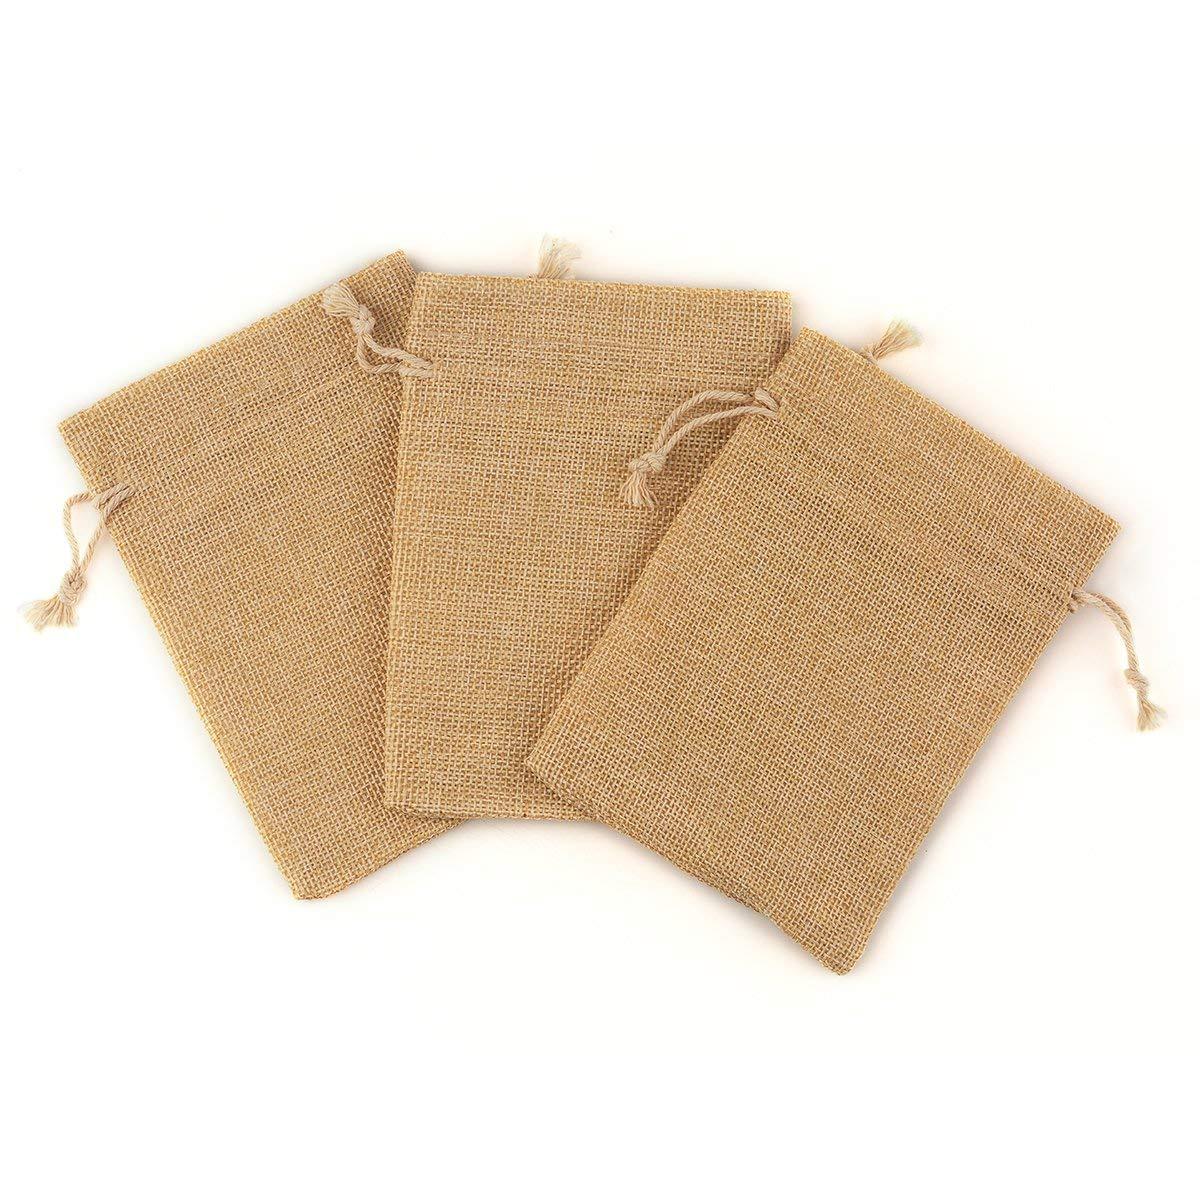 100 sacs de toile de jute de pièce avec des sacs-cadeaux de cordon pour la fête de mariage, projets d'art et d'artisanat, cadeaux, casse-croûte et bijoux, - 4